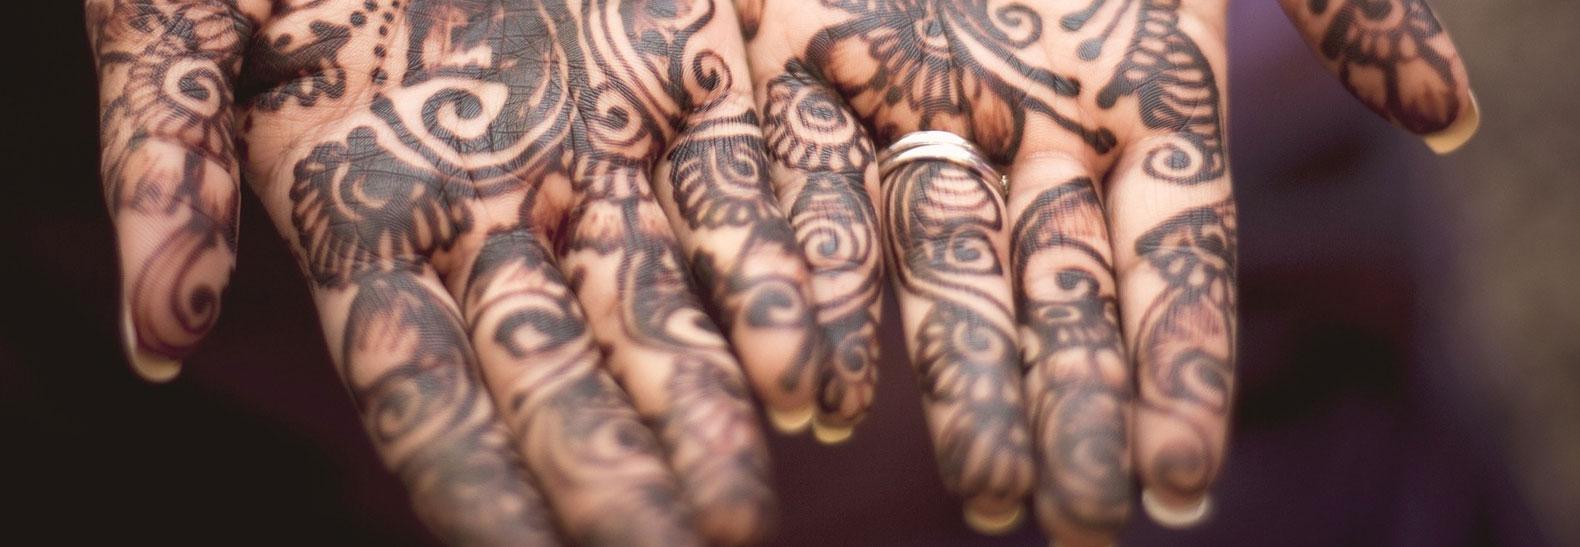 Tatuaggi estremi per il matrimonio? magari all'hennè!